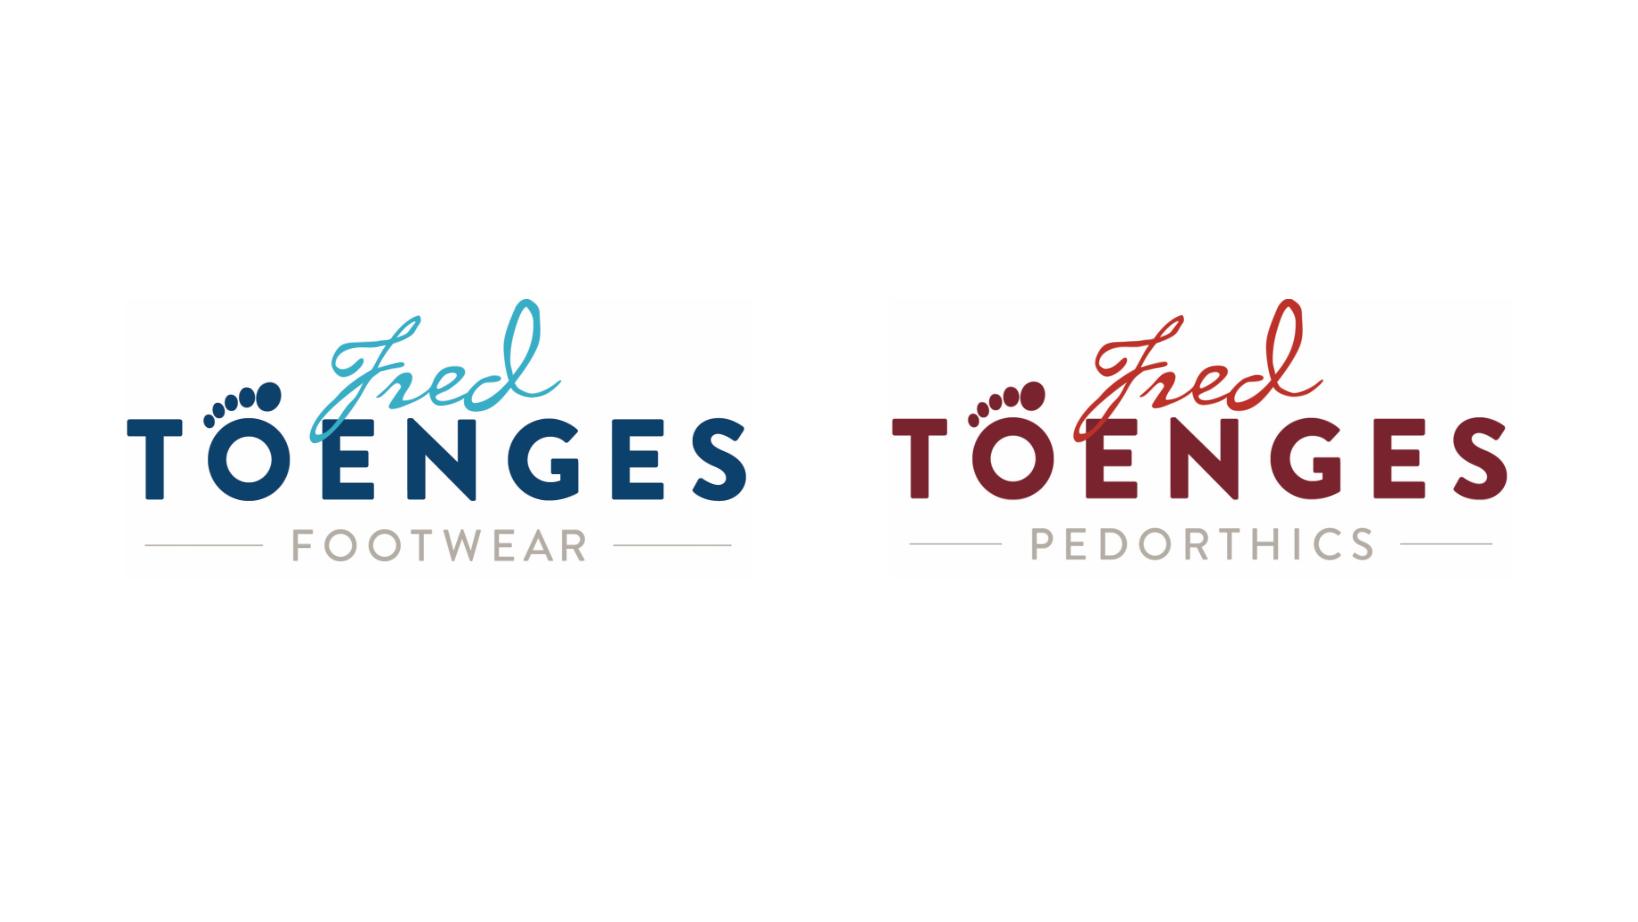 Fred Toenges Rebrand Logos